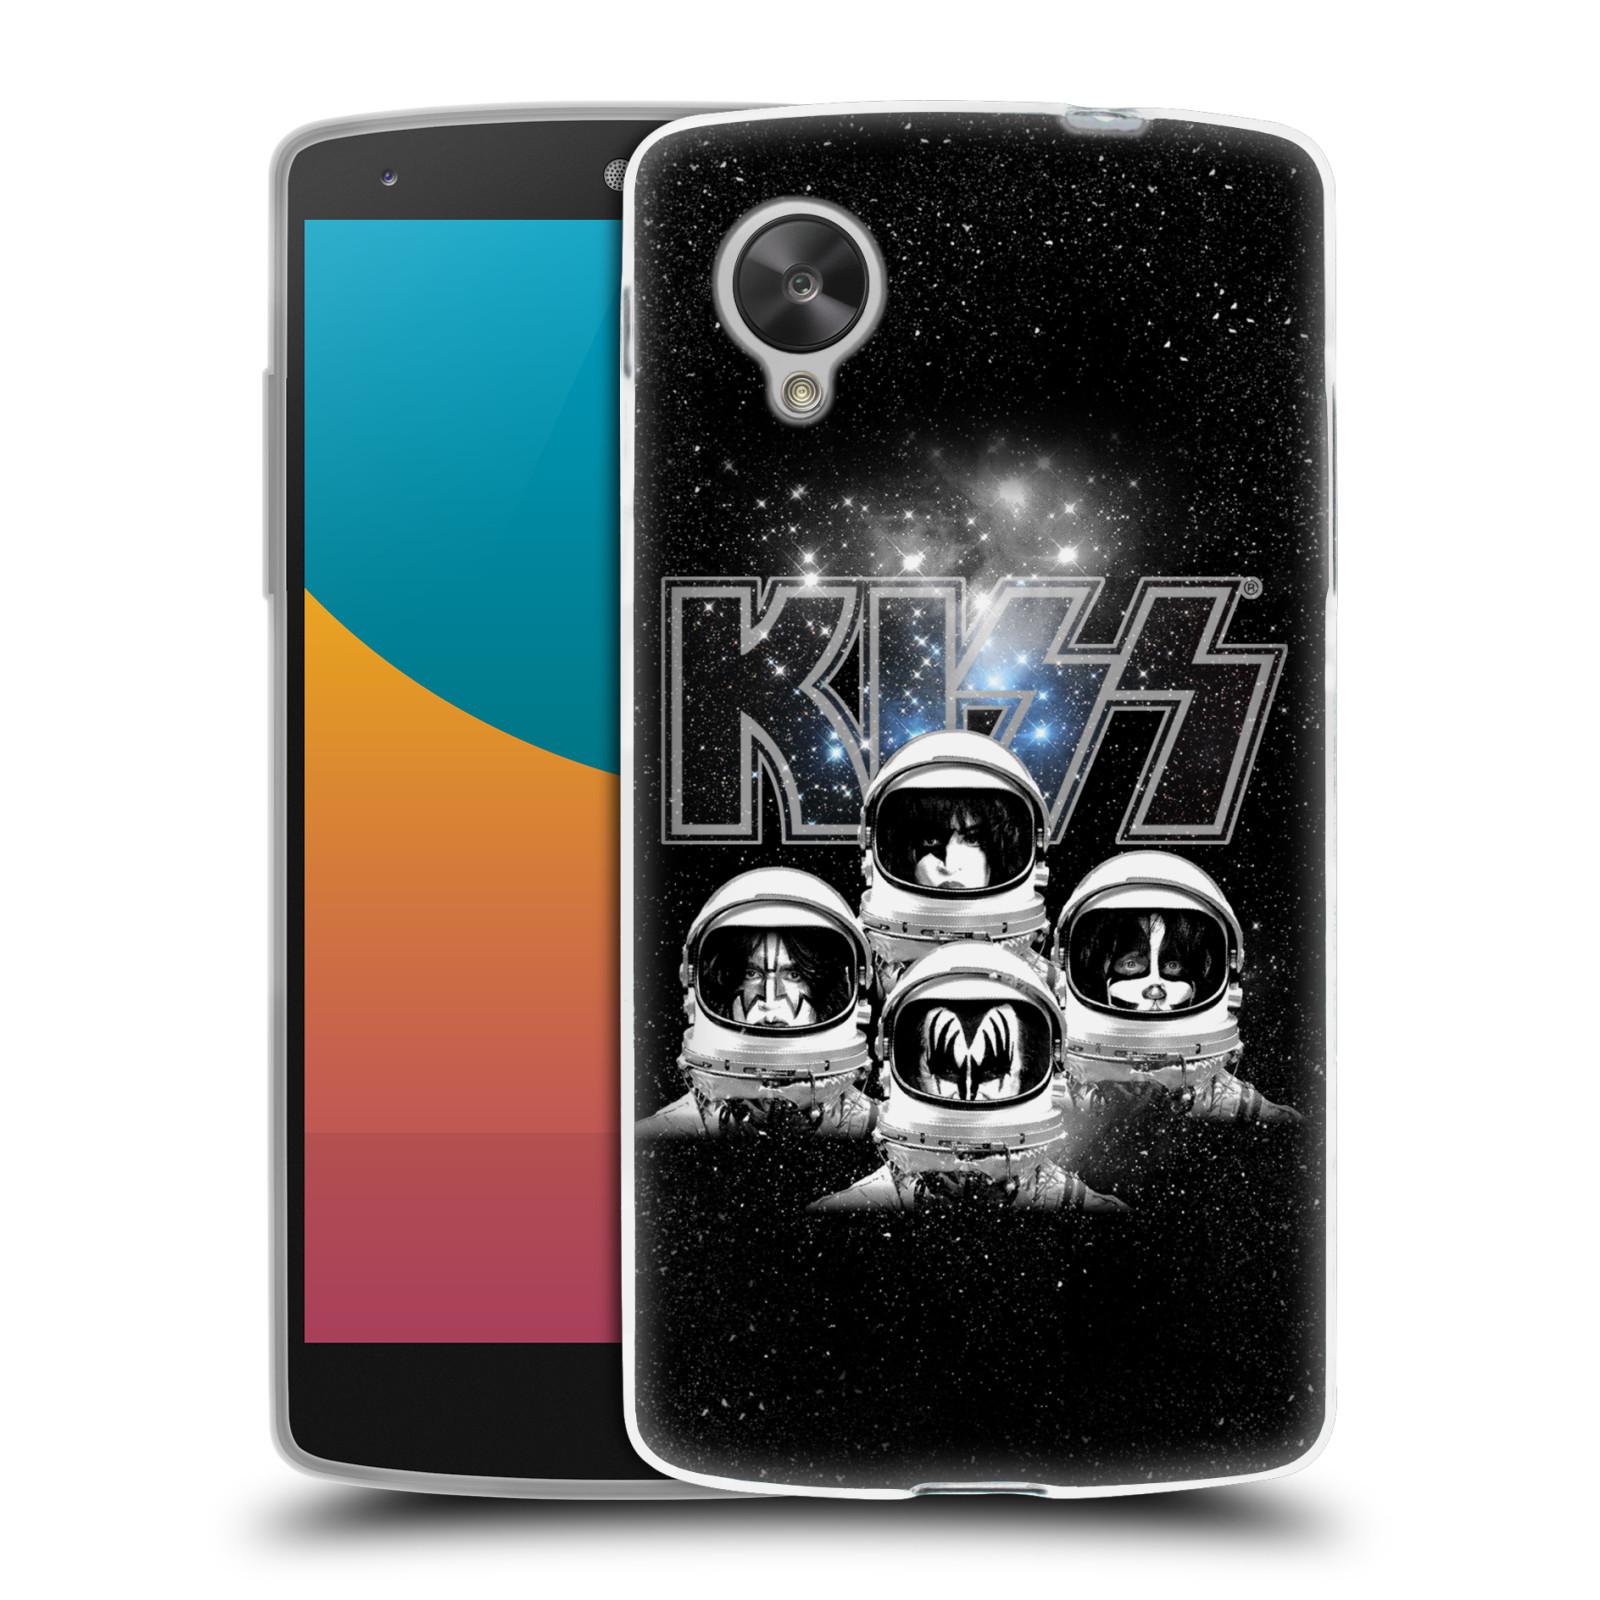 Silikonové pouzdro na mobil LG Nexus 5 HEAD CASE - Kiss - Galactic (Silikonový kryt či obal na mobilní telefon s licencovaným motivem Kiss pro LG Google Nexus 5 D821)